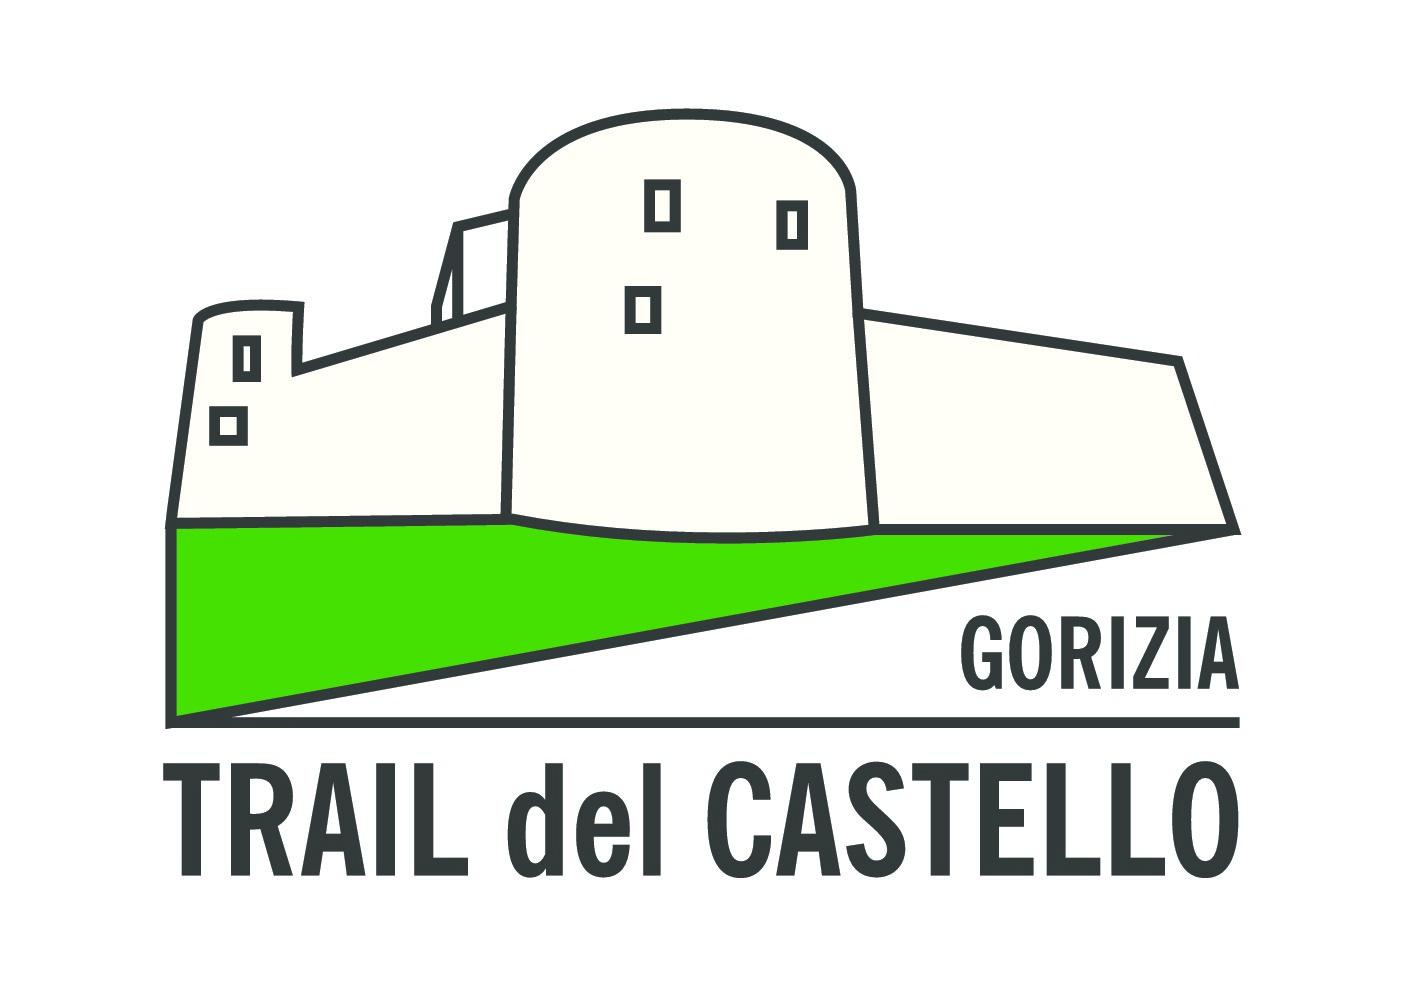 – Gorizia -1° Trail del Castello – 3 MARZO 2019